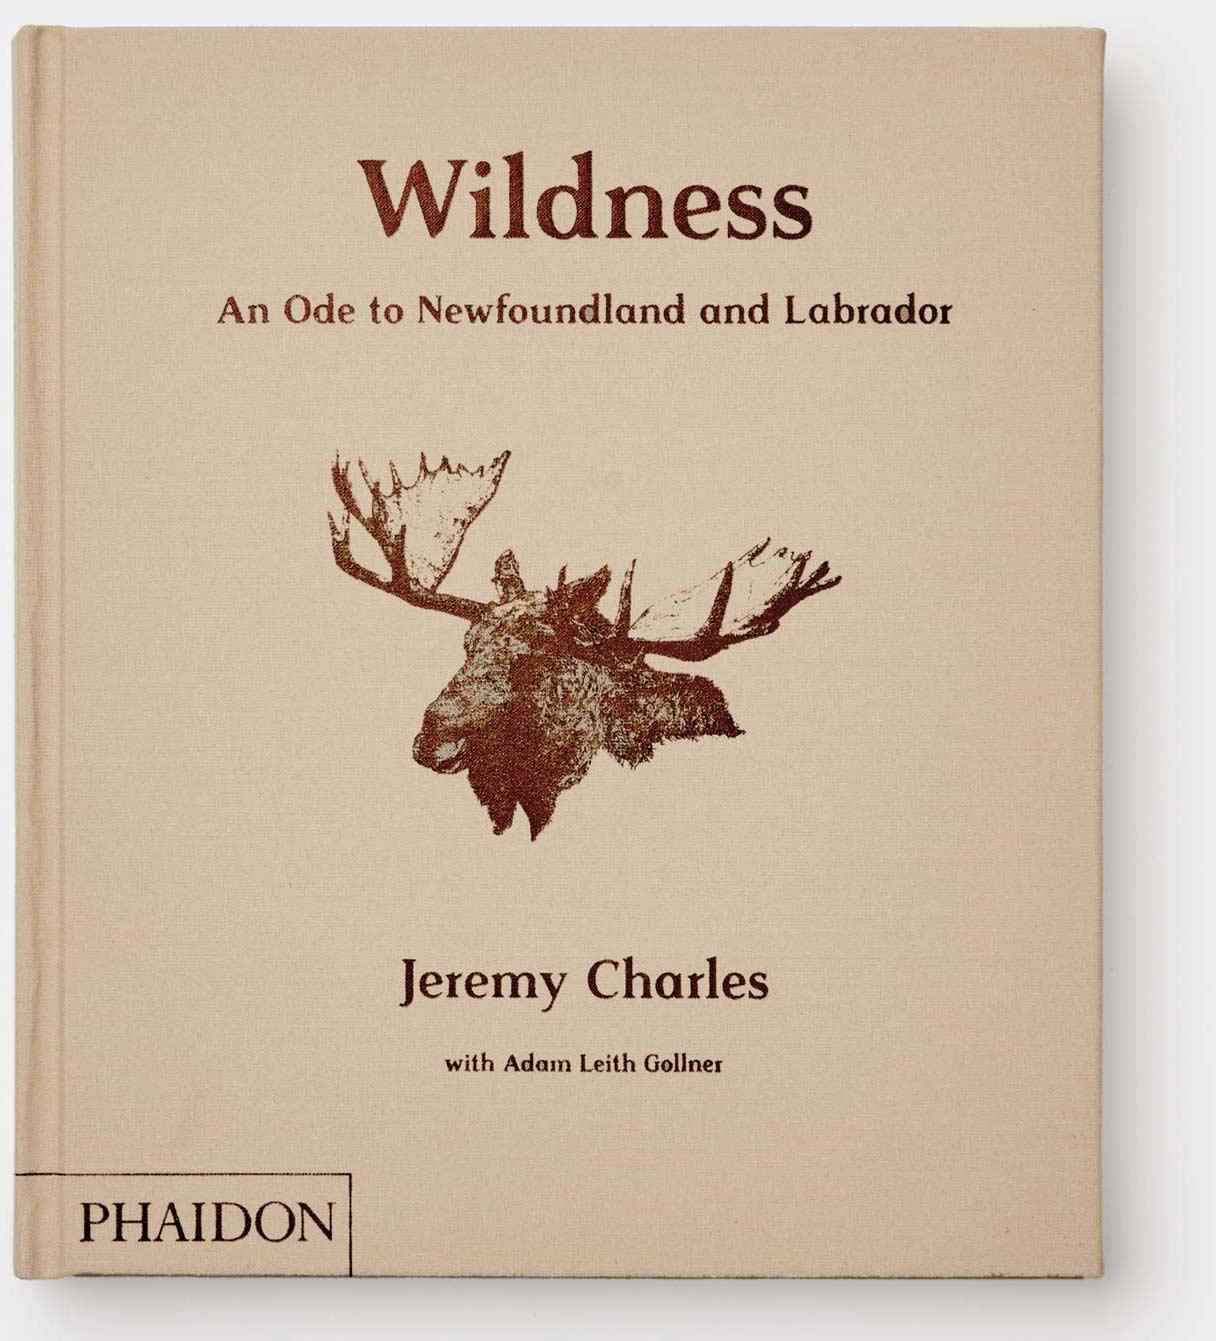 Wilderness: An Ode to Newfoundland and Labrador